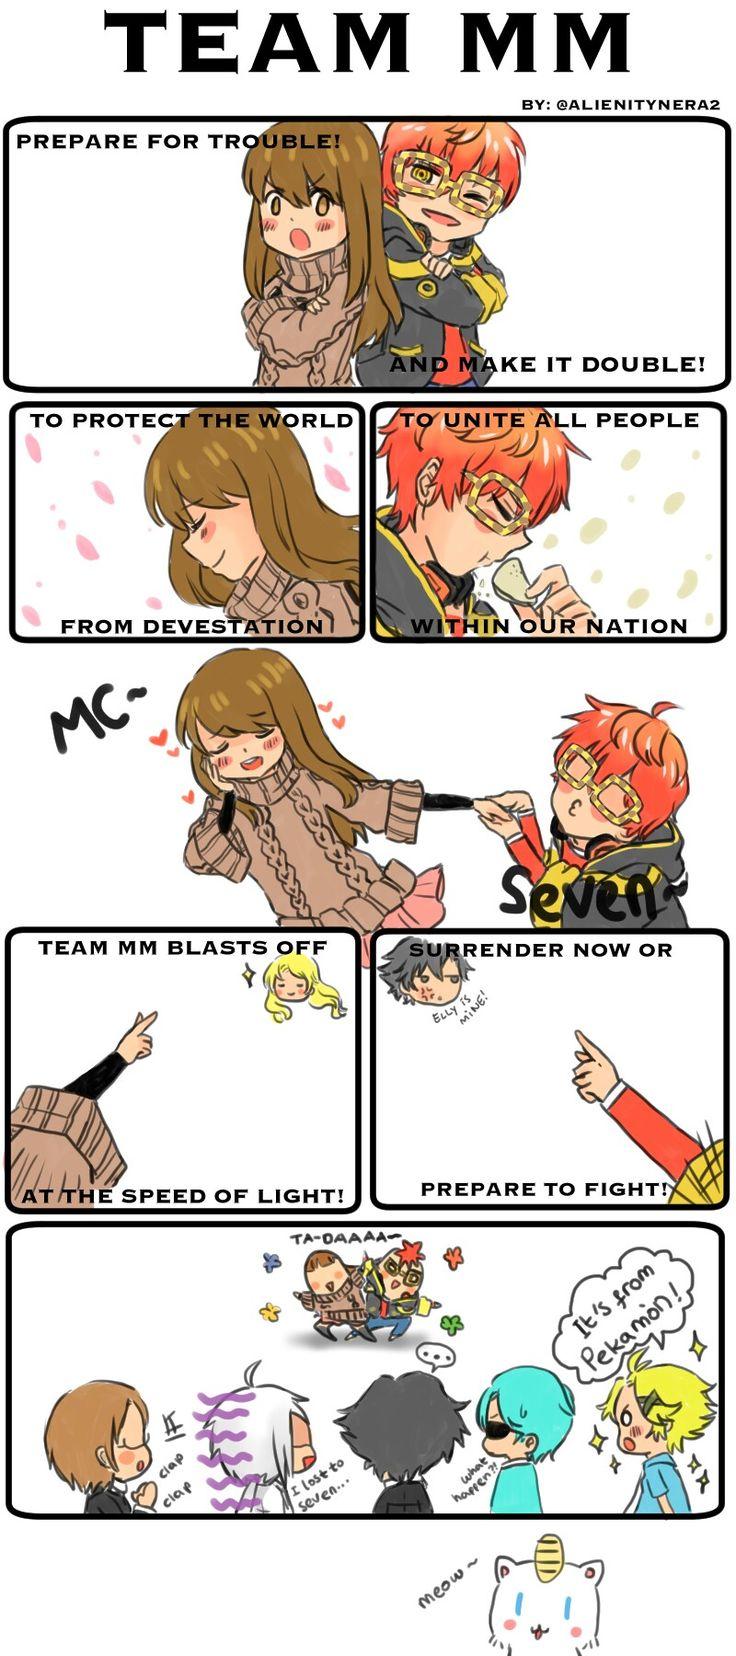 Team MM  - 707 - MC - ~~~~~~~~~~~~~~~~~~~~~~~~~ Pekamon!!!